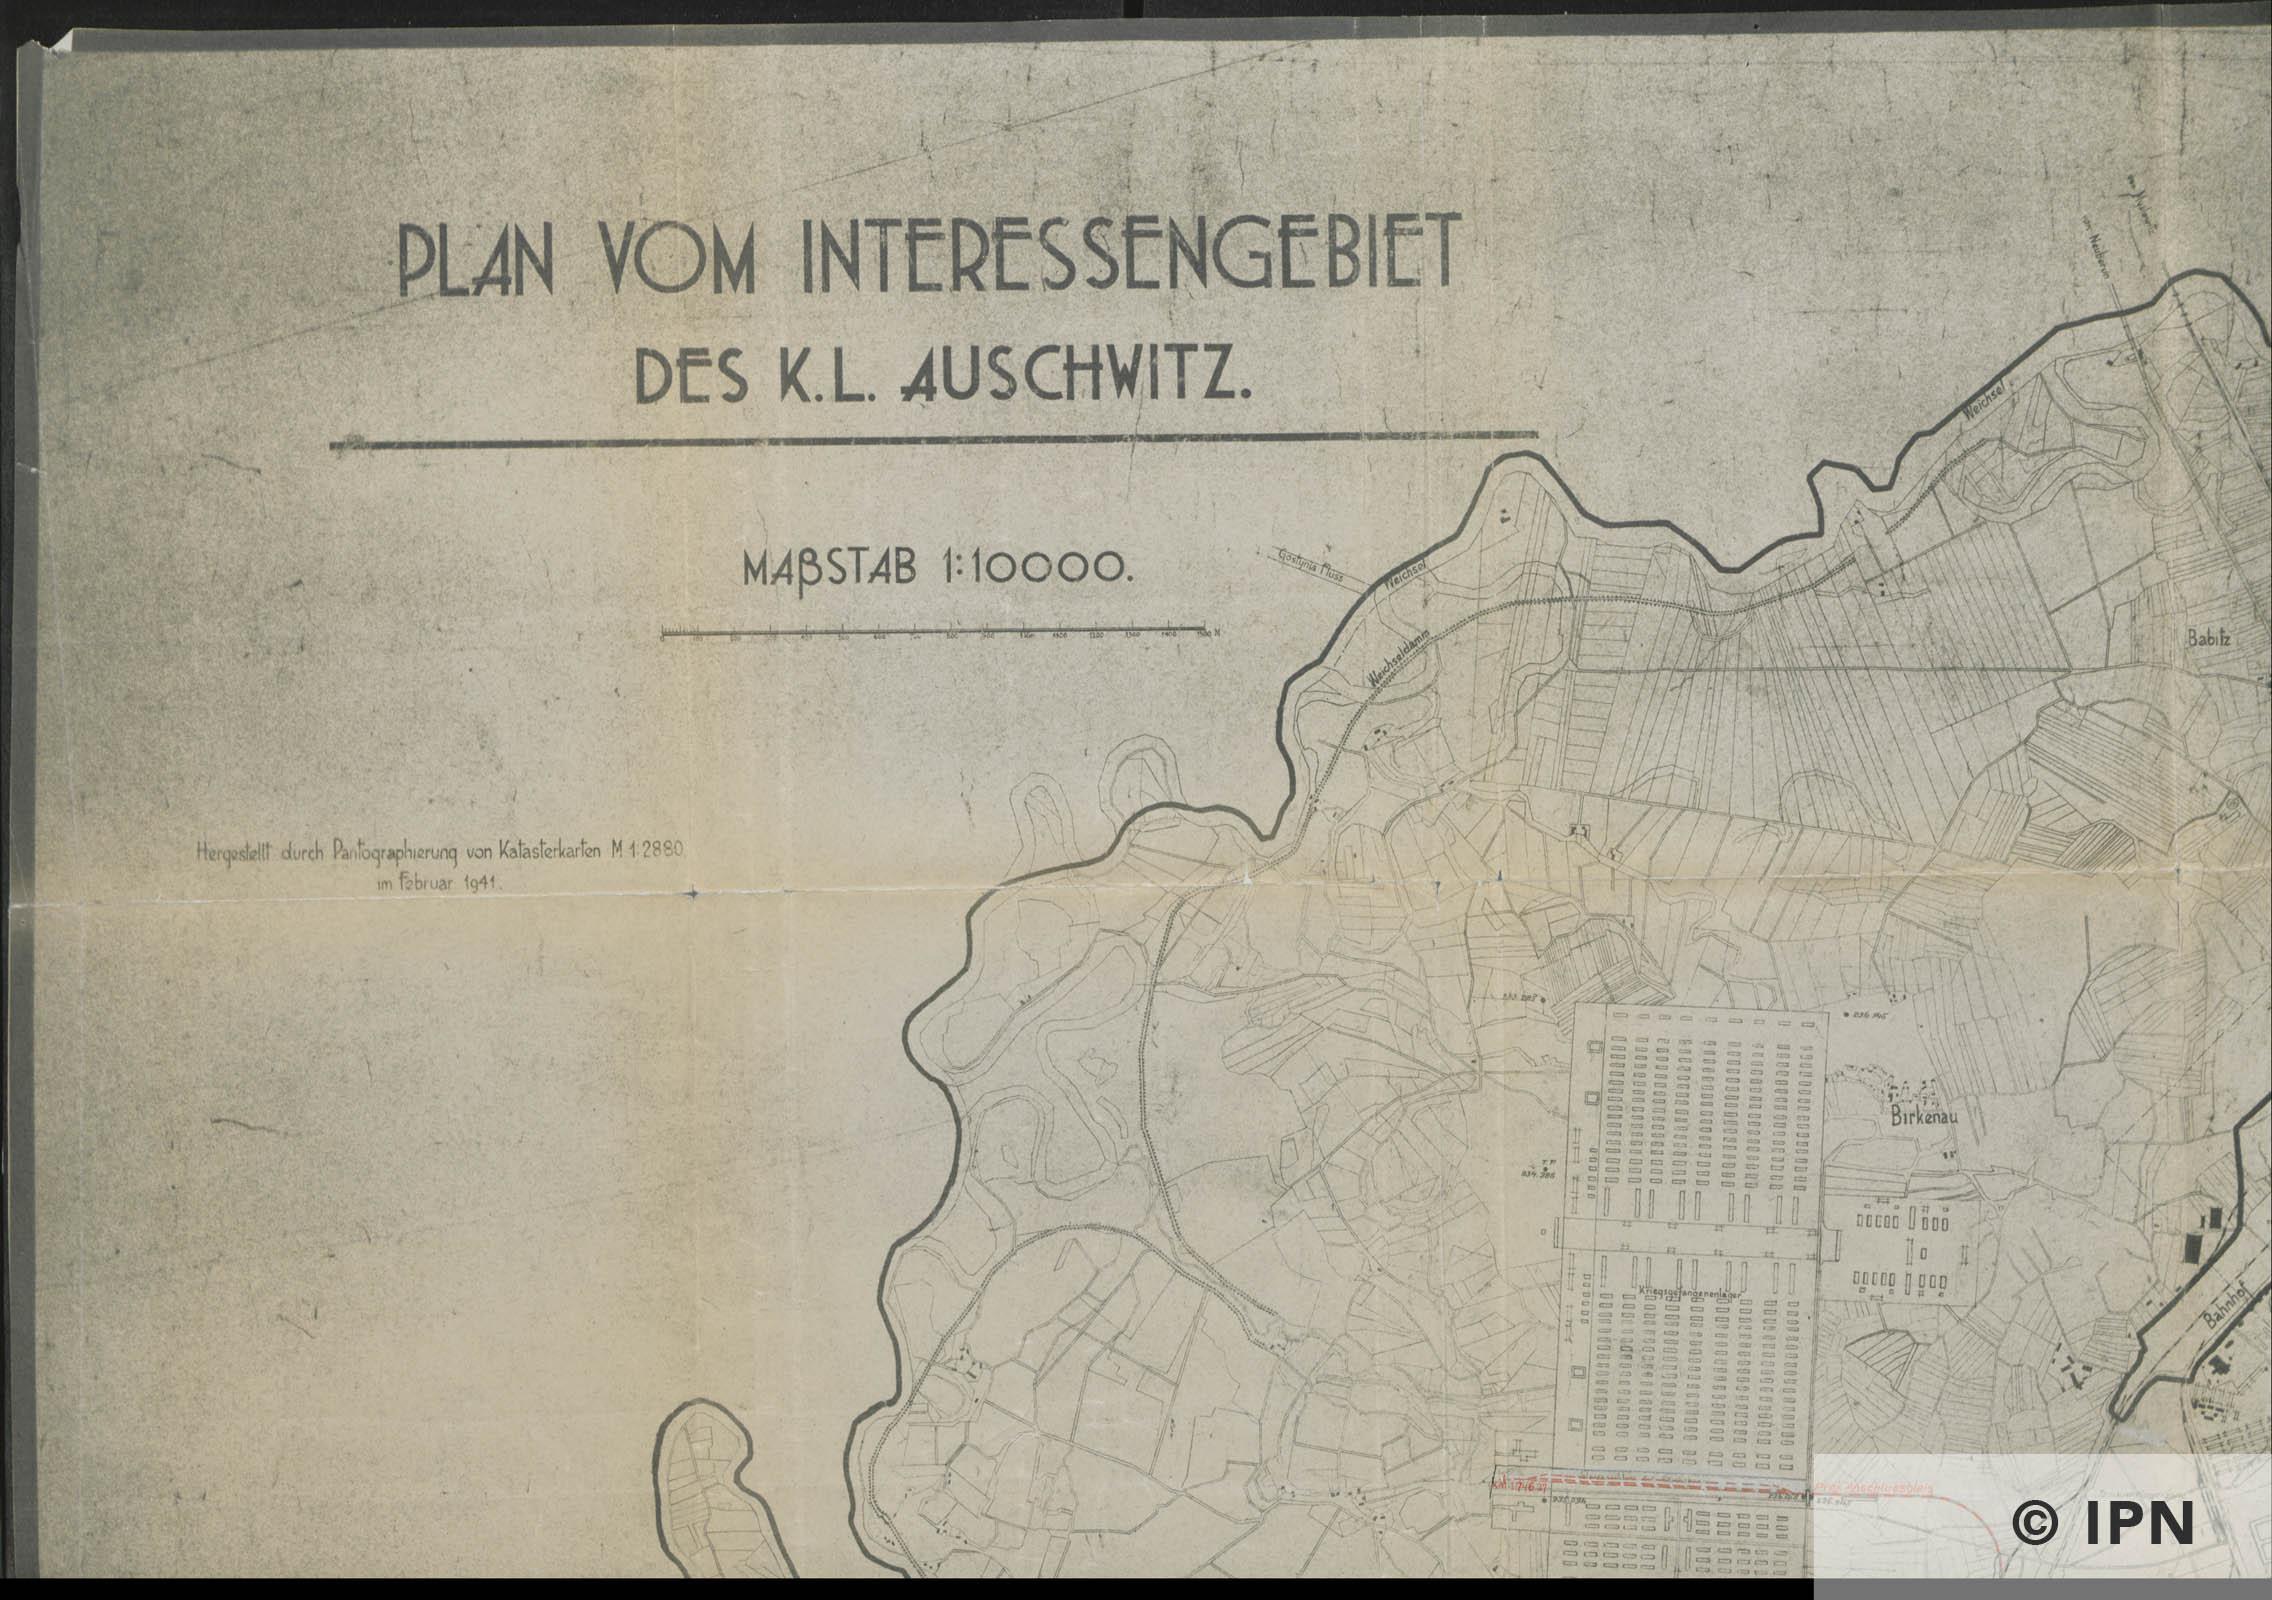 Plan vom Interessengebiet des KL Auschwitz. 15 January 1943. IPN GK 196 101 0029